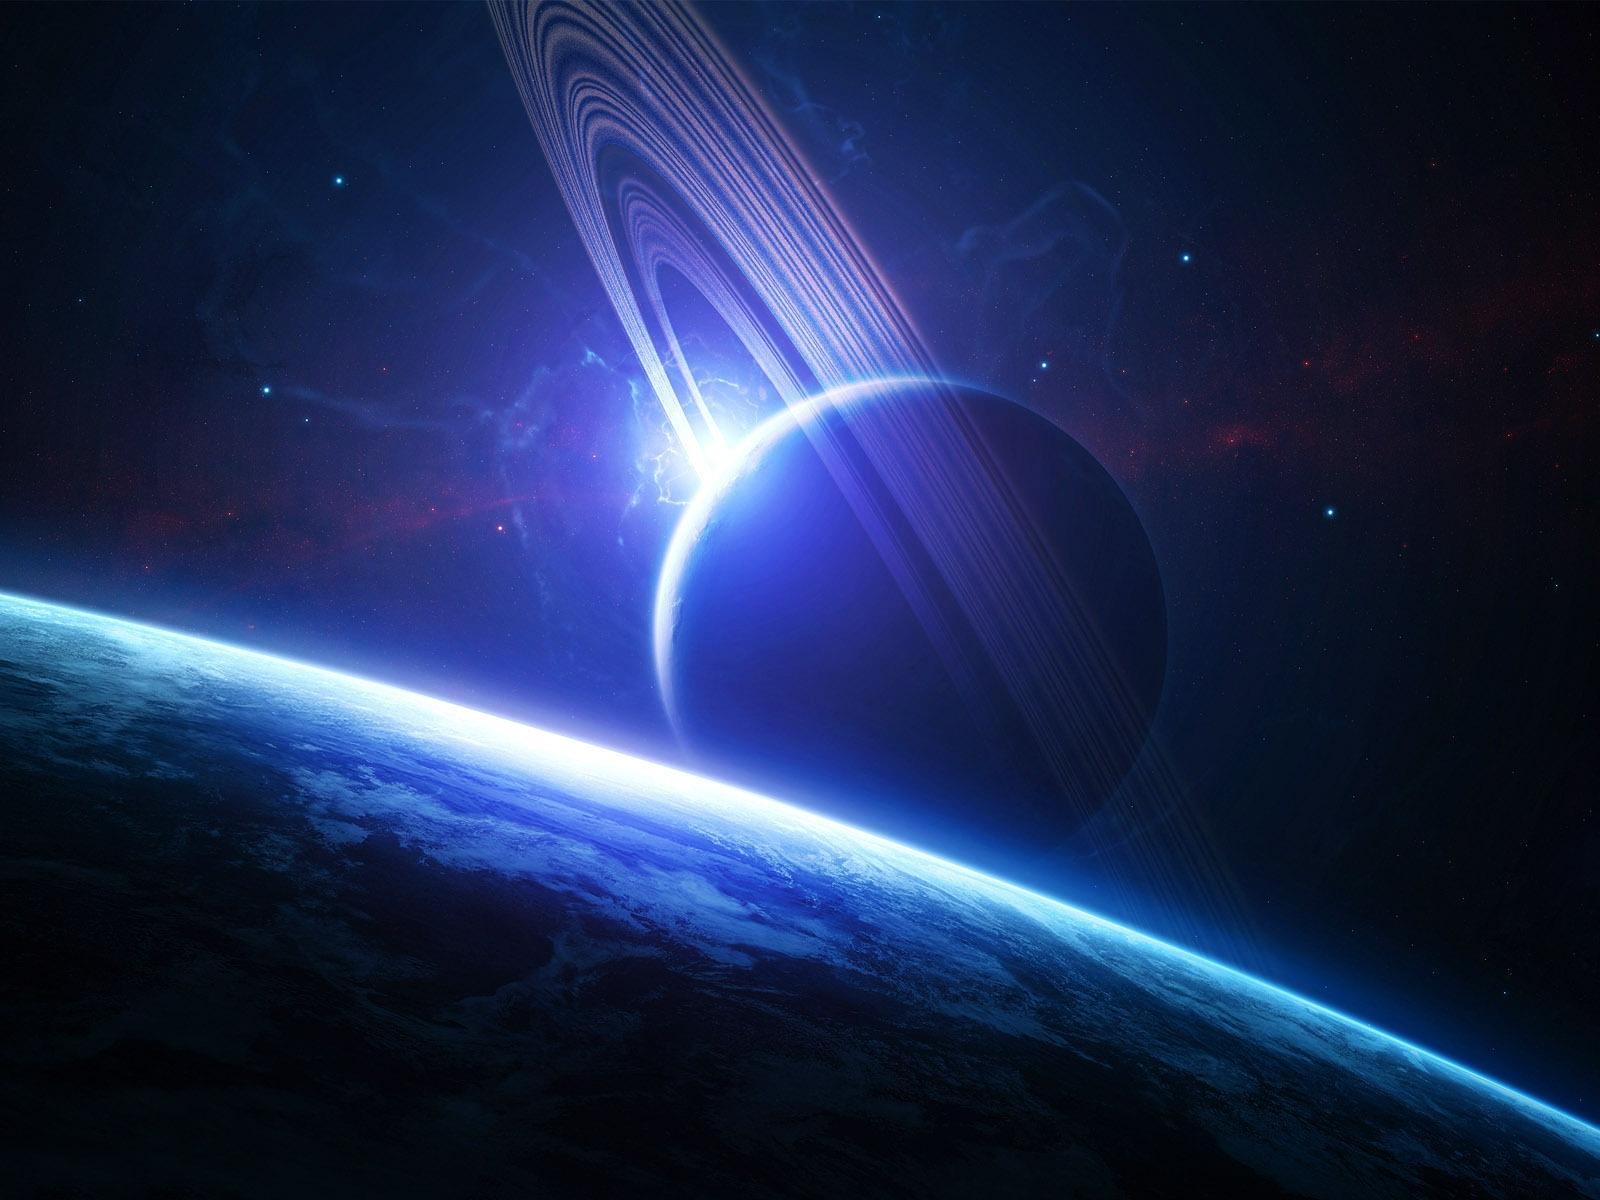 Обои, космос, -, для, рабочиего, стола, 1600x1200